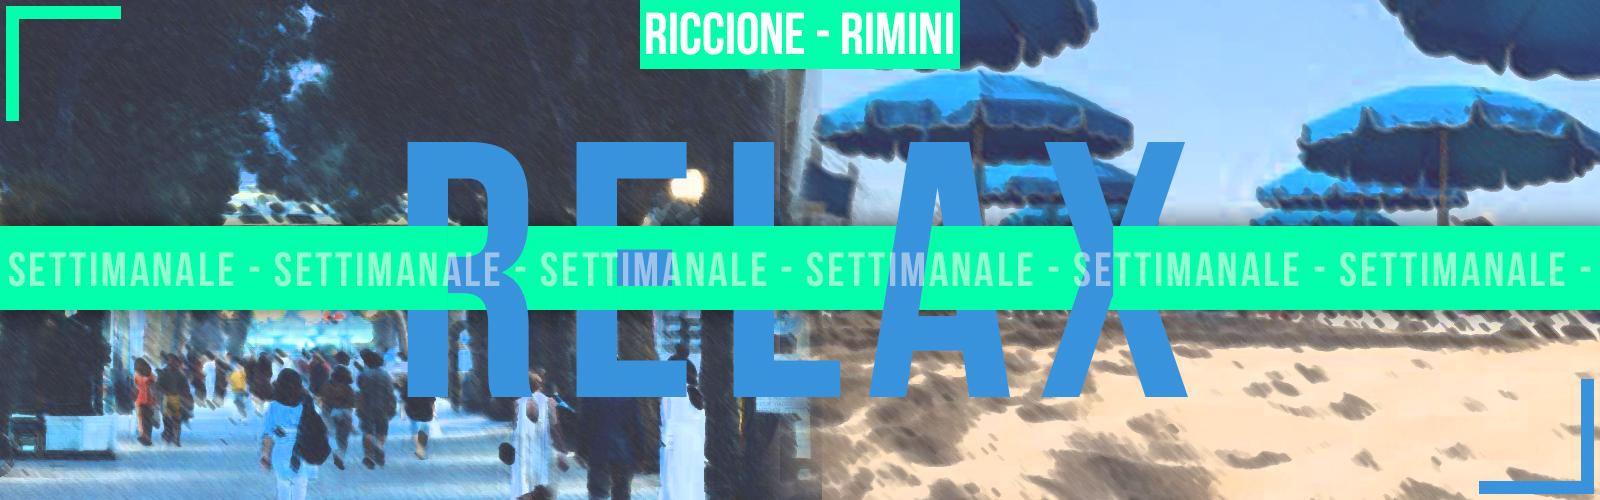 Pacchetto Settimanale Riccione RELAX